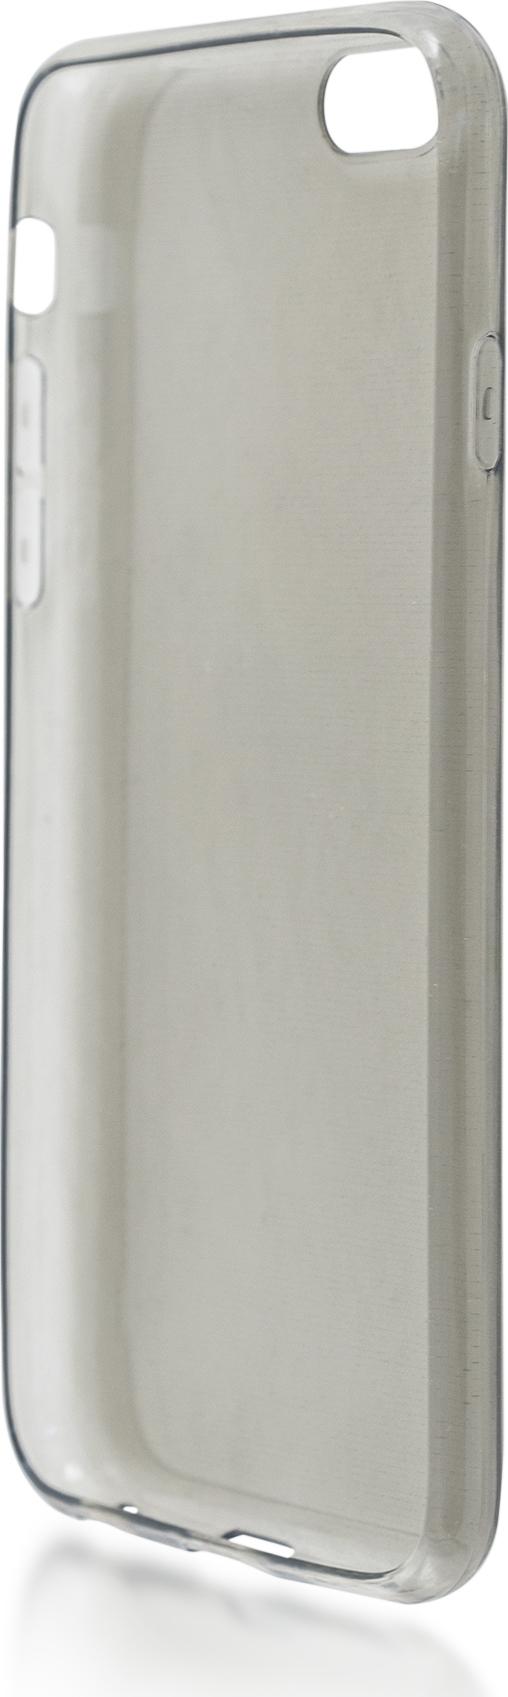 купить Чехол Brosco TPU для Apple iPhone 6 Plus, черный онлайн